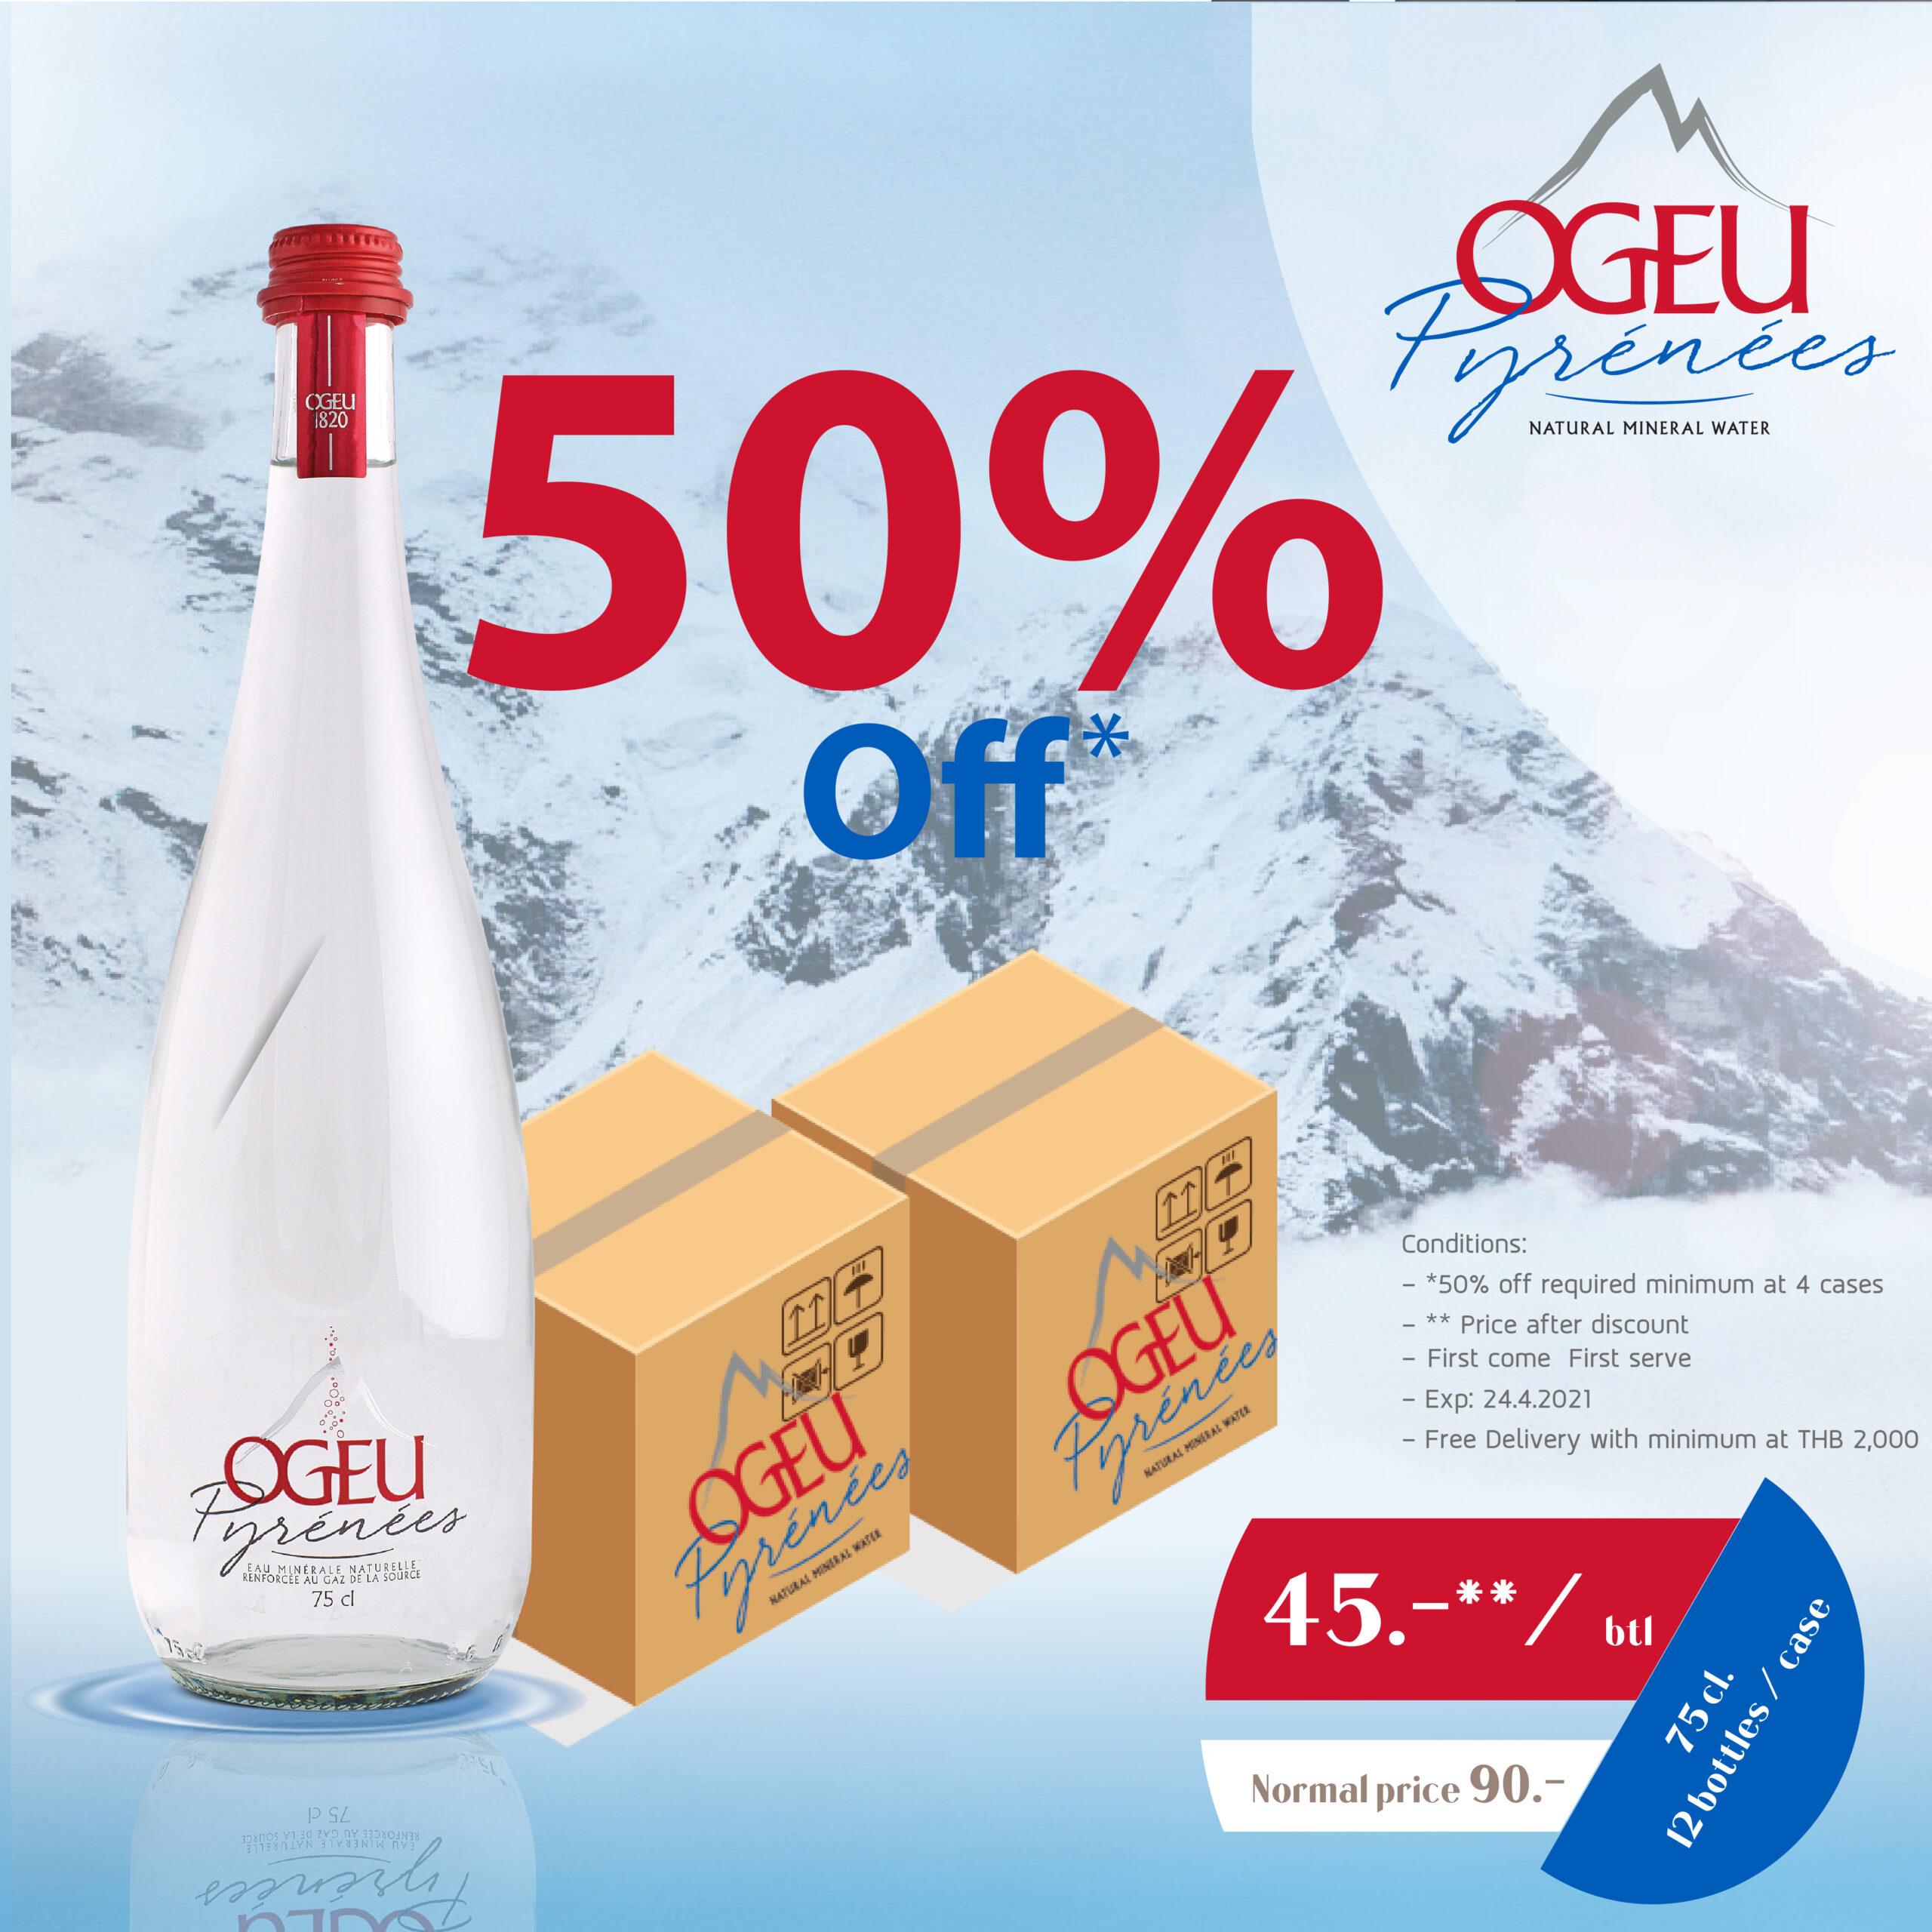 Ogeu Revised-01